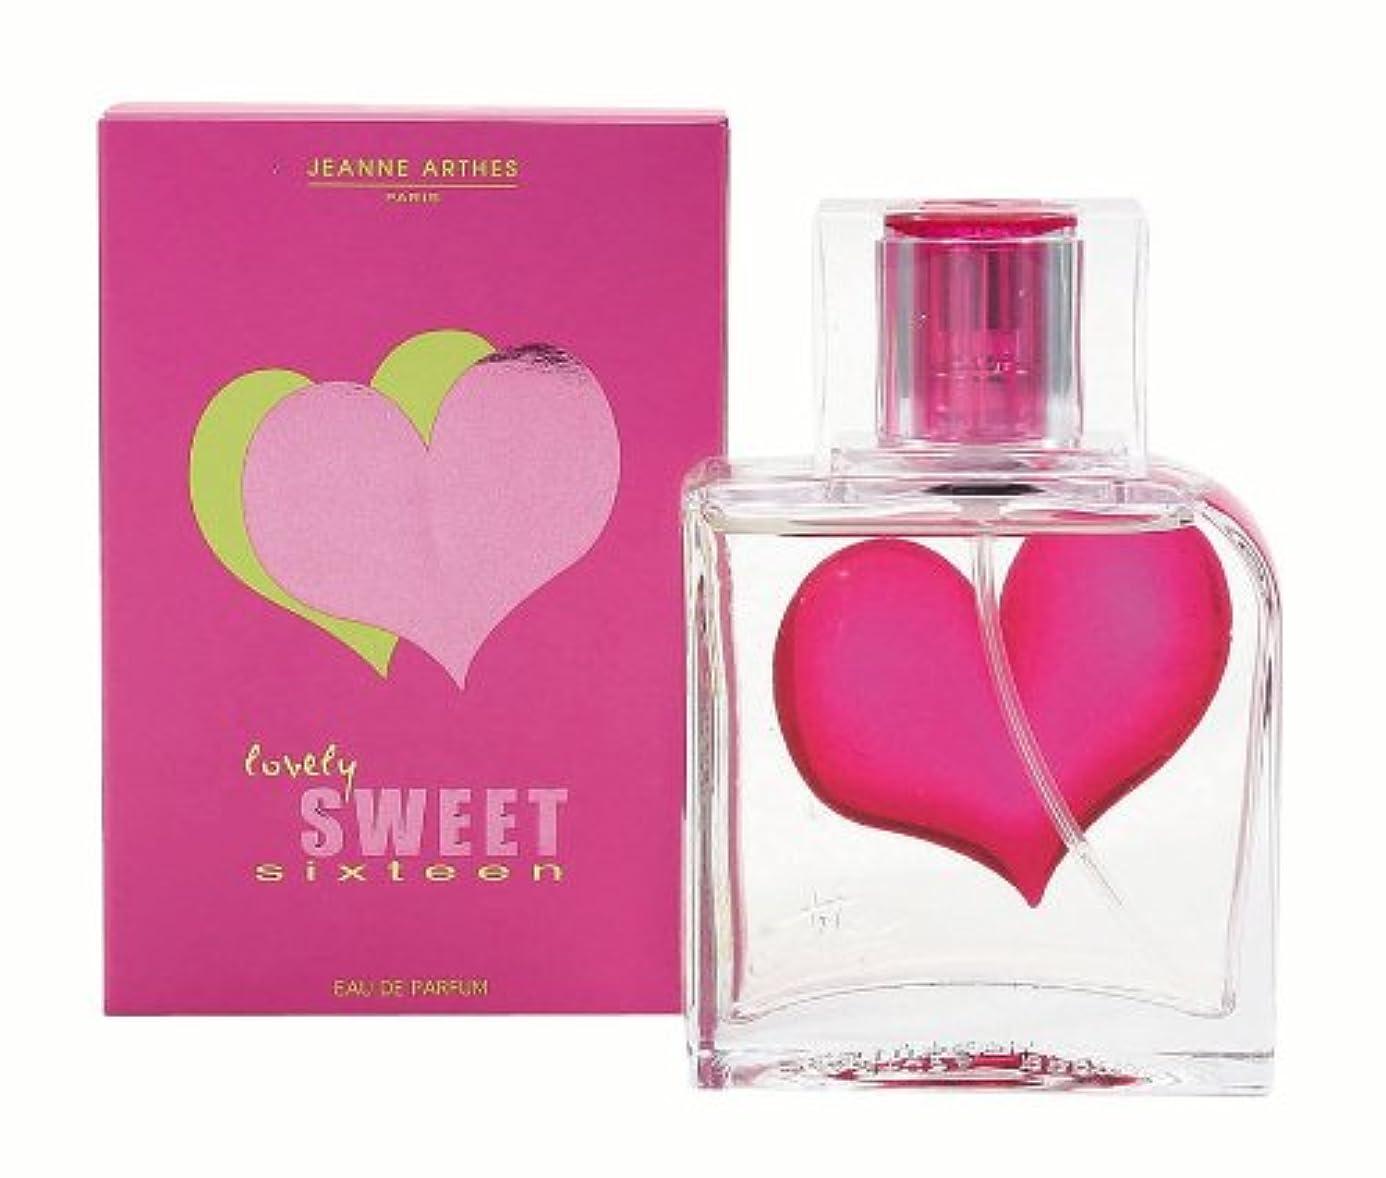 再びアスレチックモネラブリースウィート ジャンヌアルテス 16 50ML レディース ジャンヌ アルテス 女性用香水 (並行輸入品)